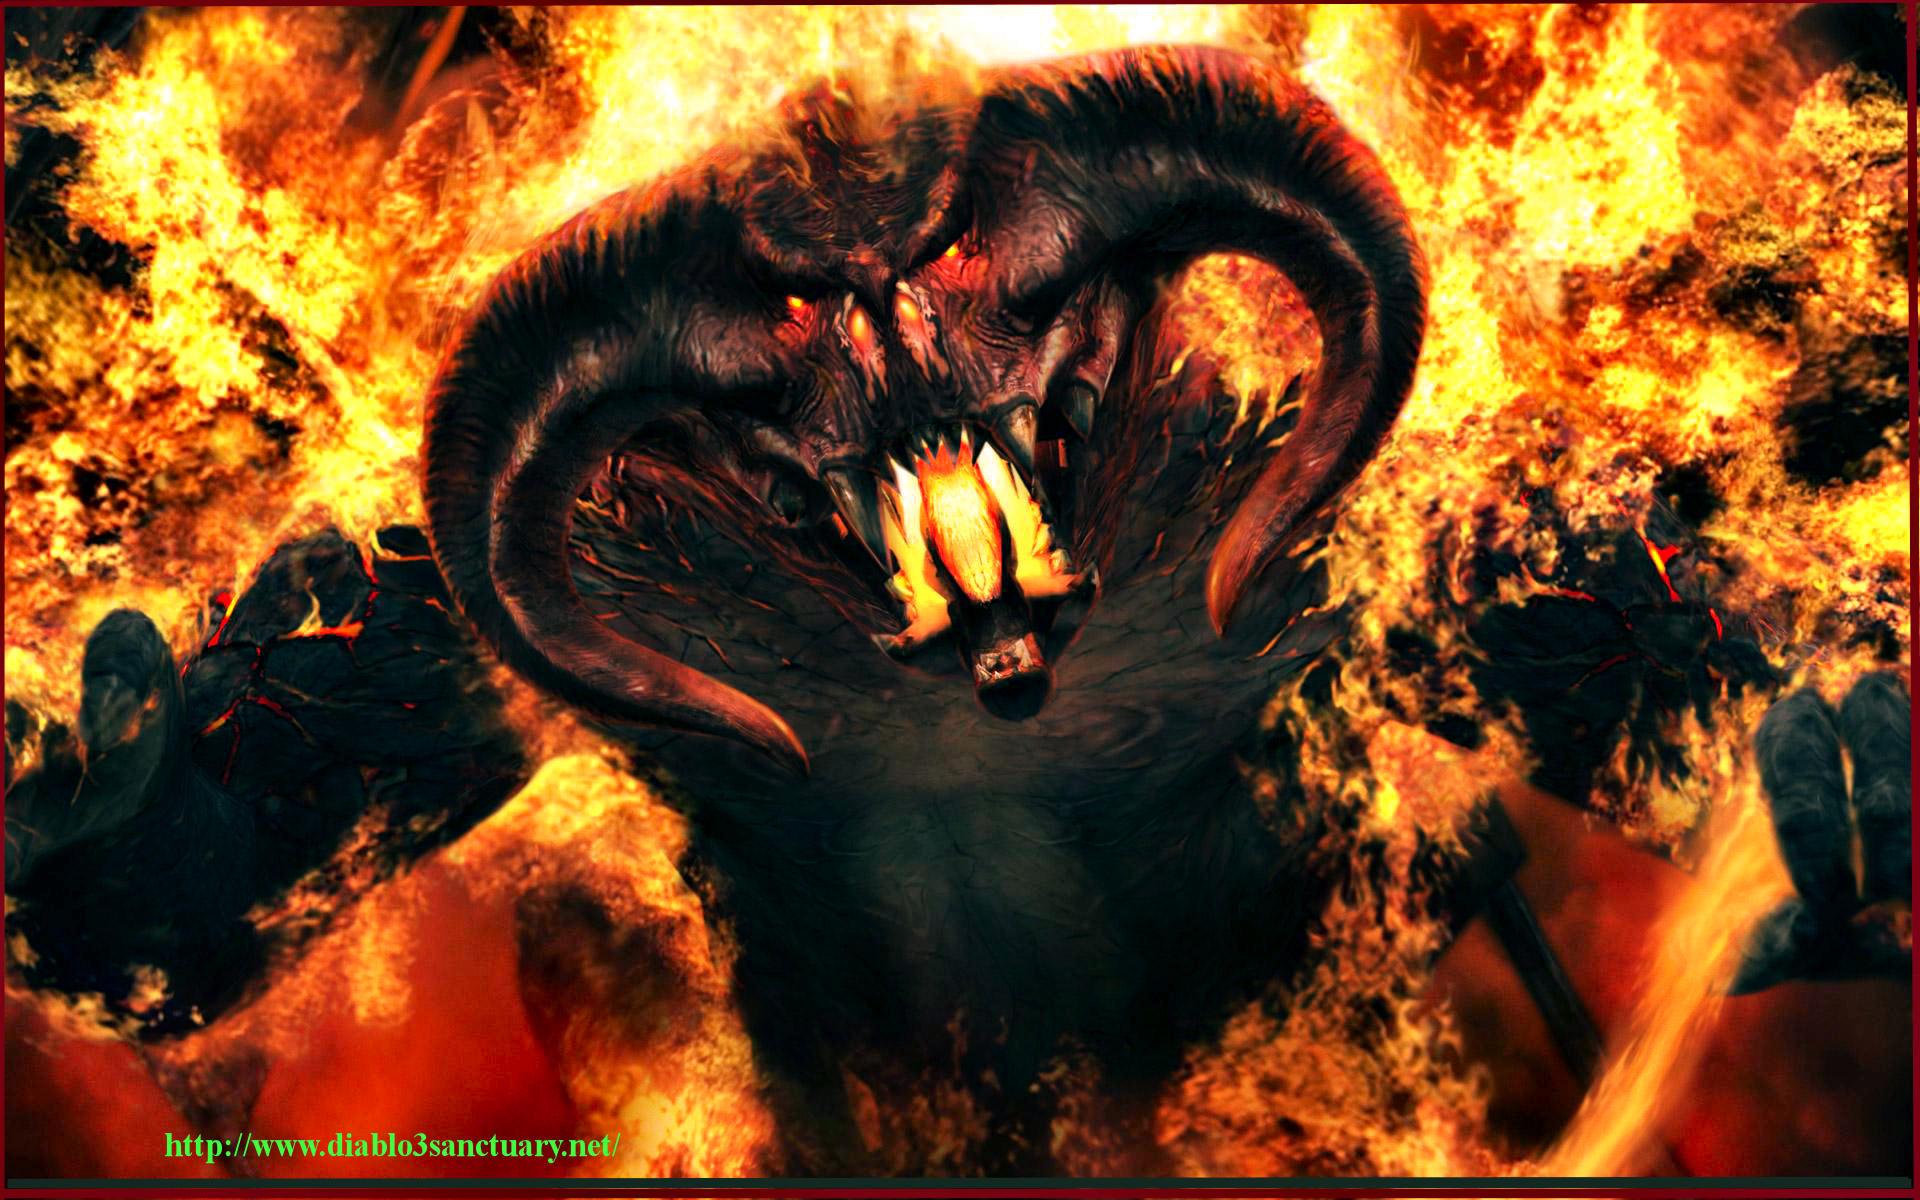 Humeur de l'instant... en ce que vous voulez - Page 11 The-Face-Of-Diablo-3-In-Hell-Wallpaper-1920x1200